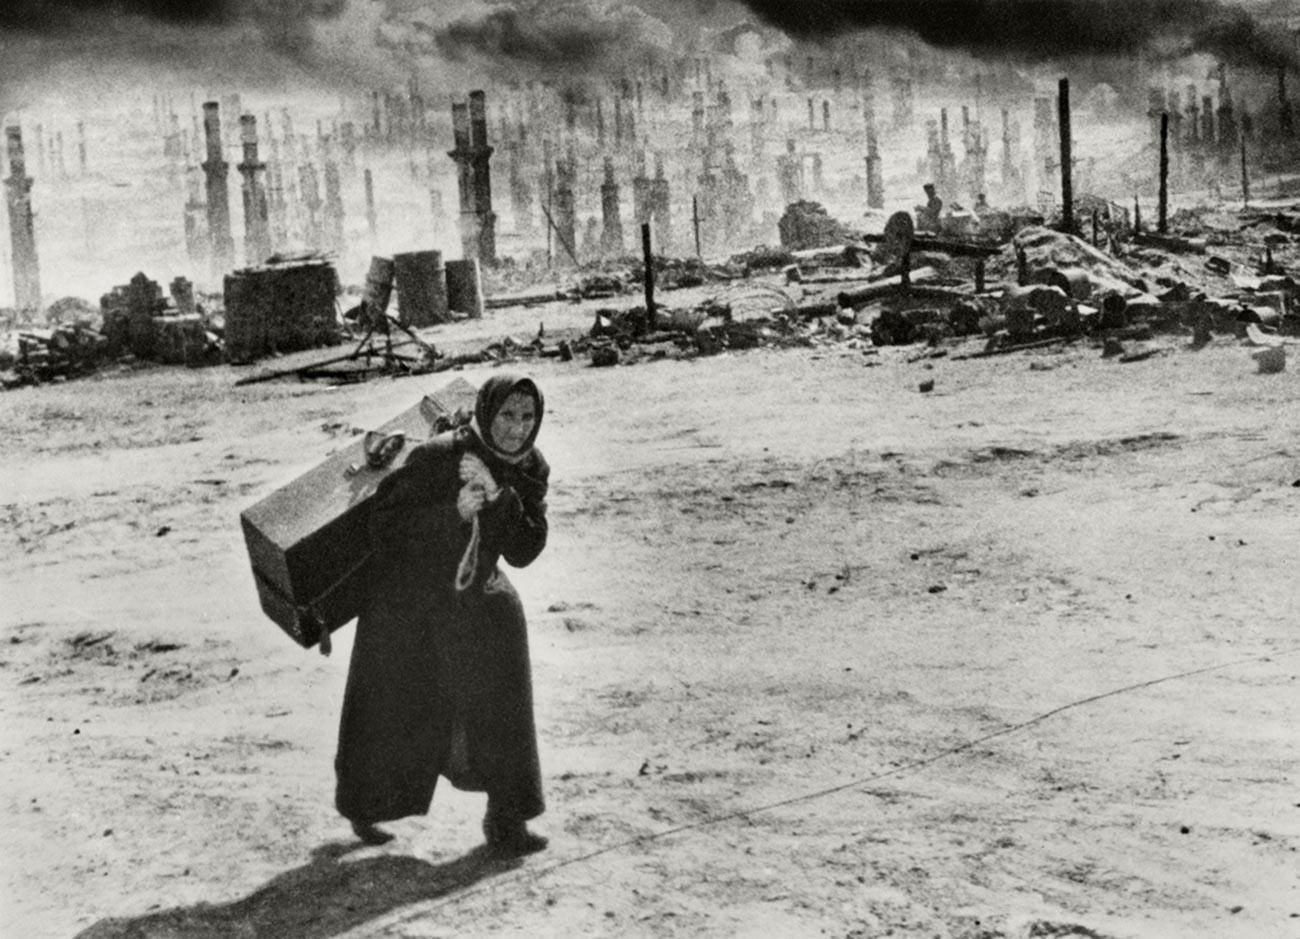 Nach der Bombardierung der Stadt Murmansk durch die Nazis